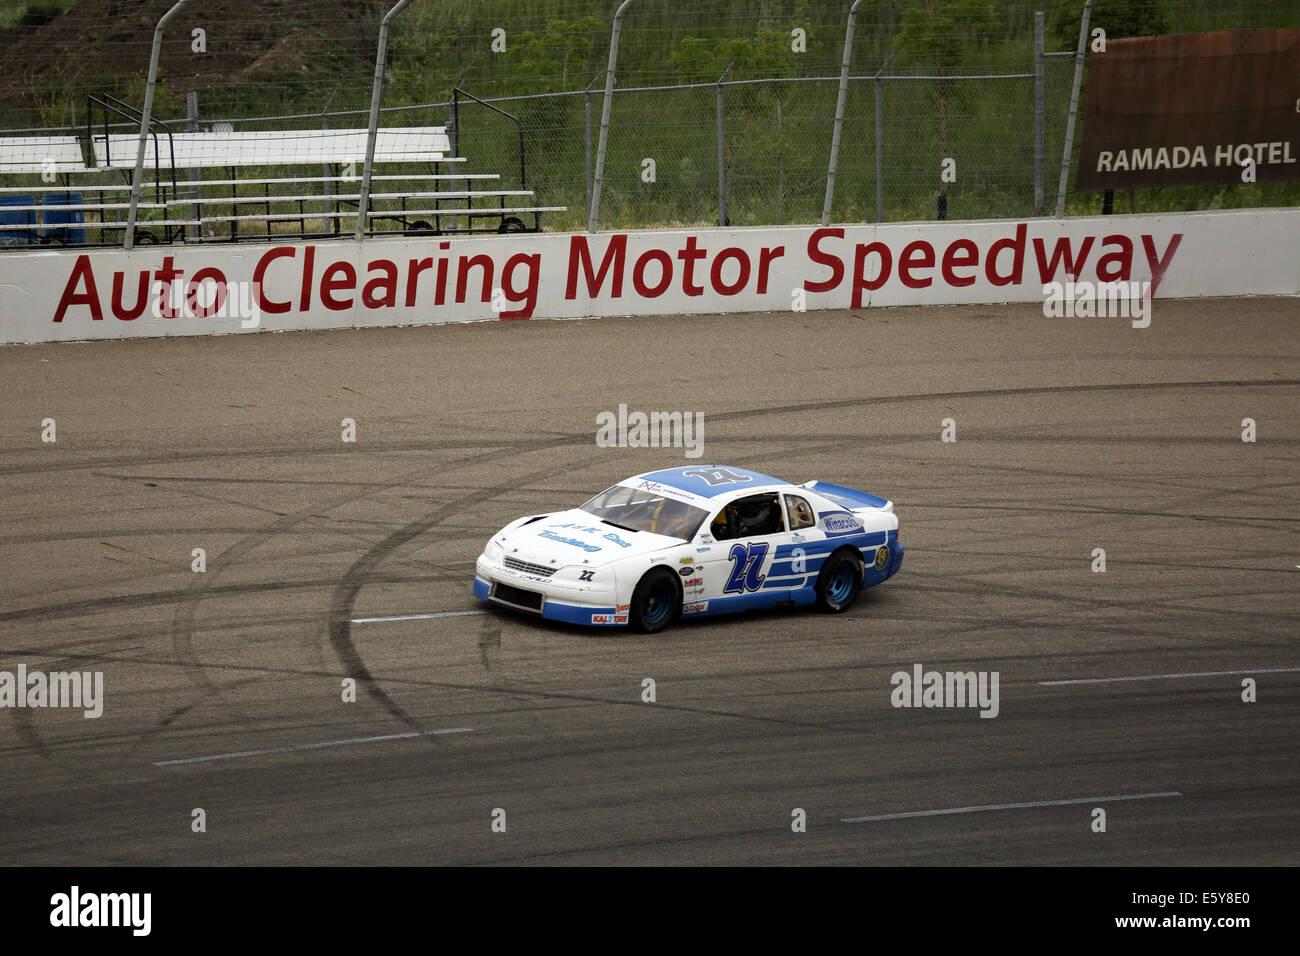 Automovilismo en el borrado automático del circuito de carreras de Motor Speedway en Saskatoon, Saskatchewan, Imagen De Stock